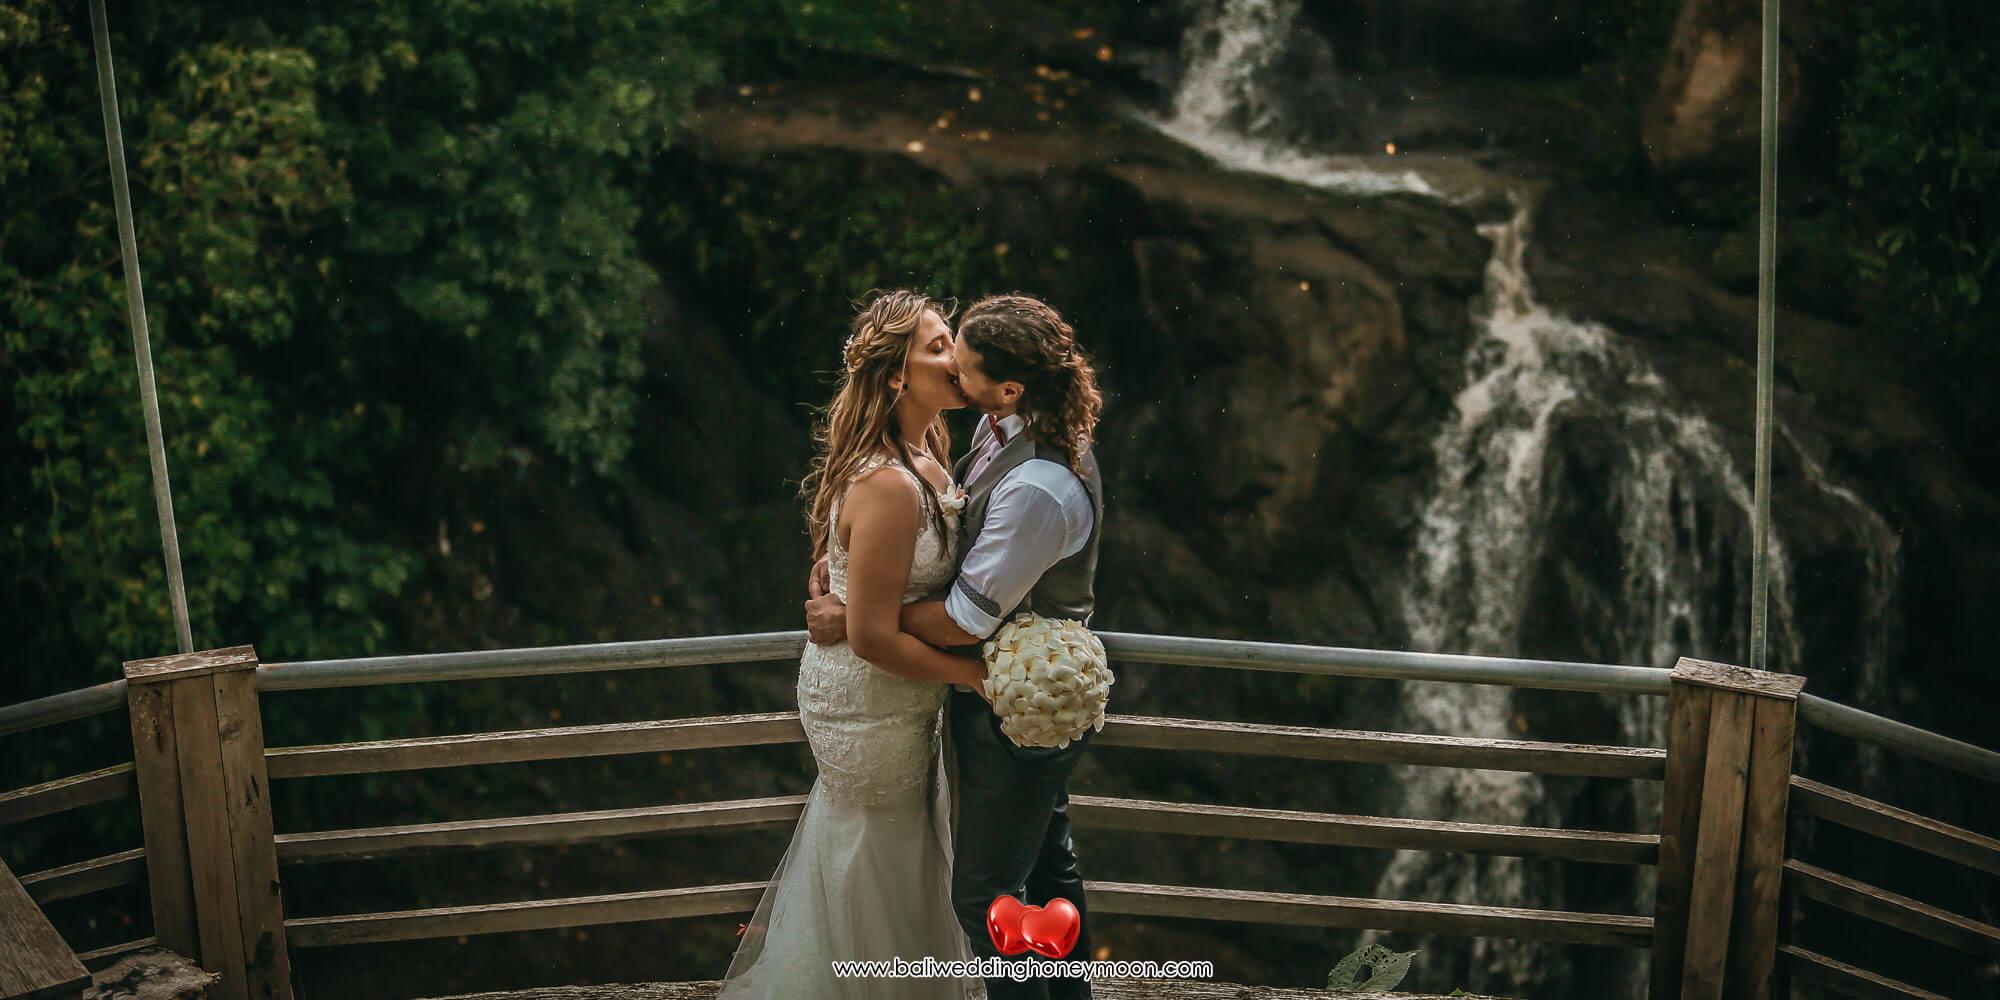 weddingvenuebali-waterfallbaliwedding-baliweddinghoneymoon-baliweddingorganizer-baliweddingplanner-baliweddingpackage-layanawarung5